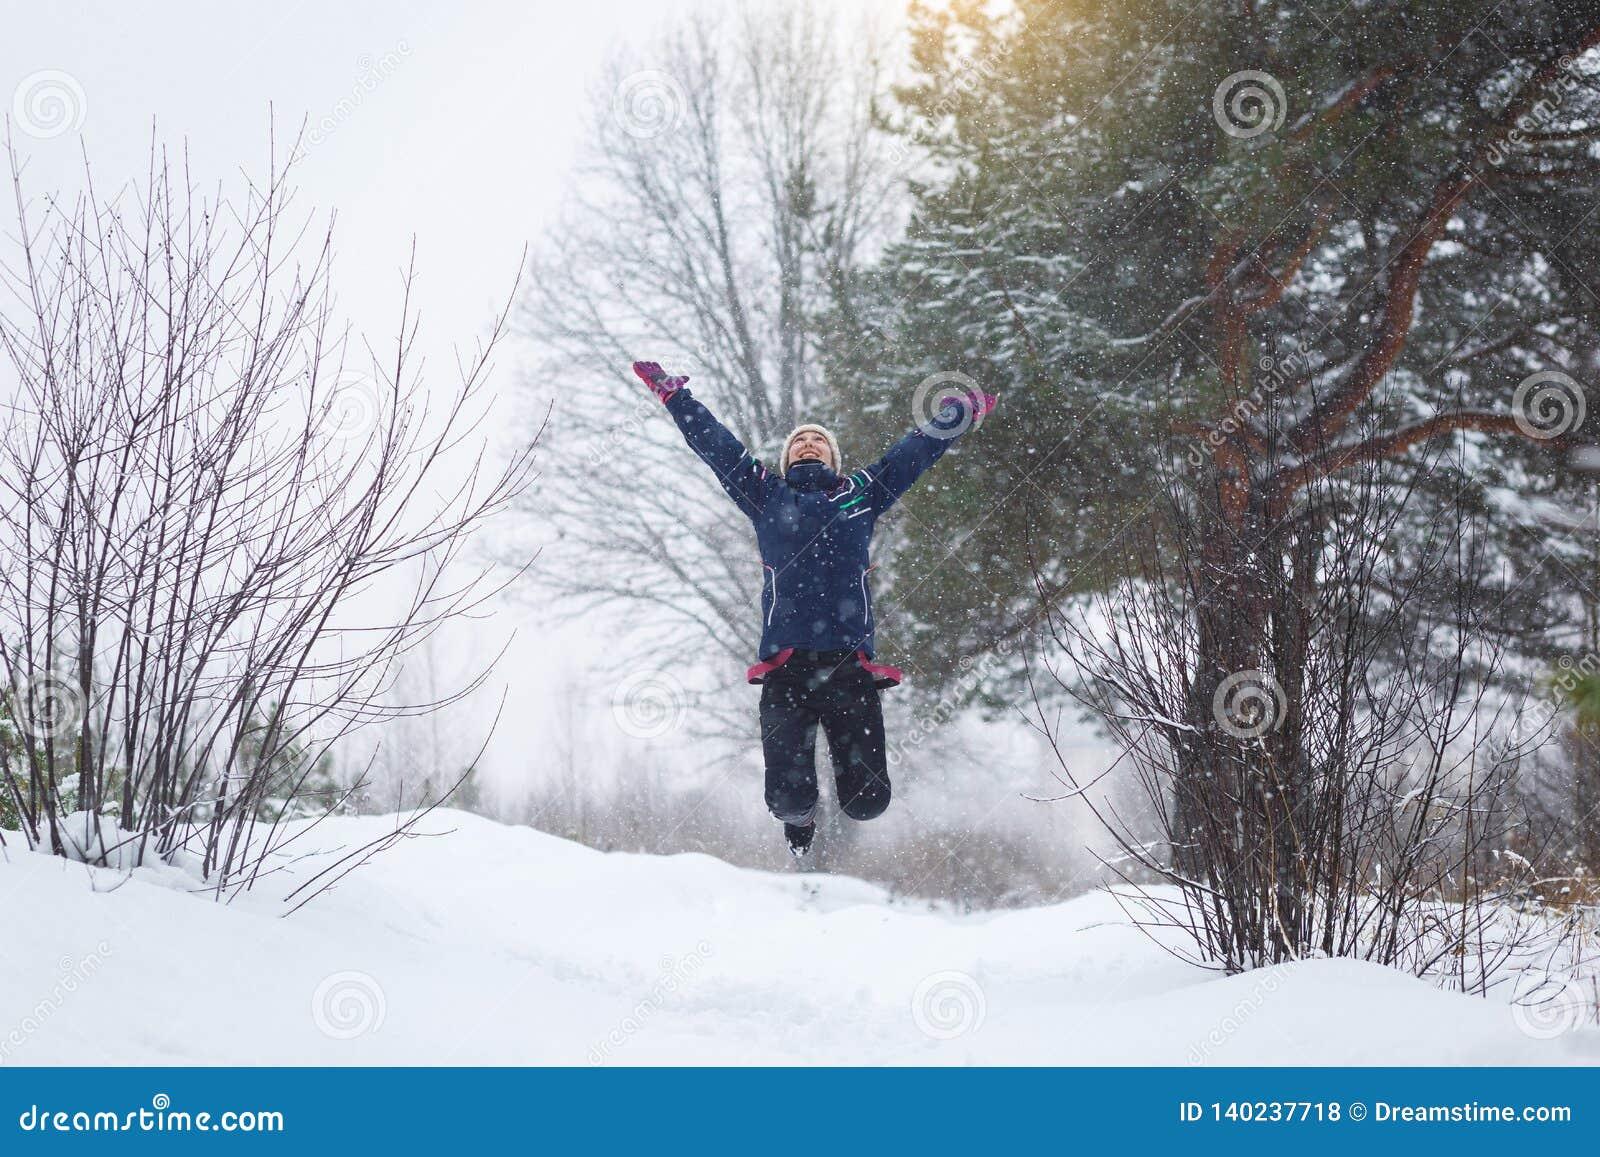 Mädchen freut sich im Winter, ein Mädchen, das in den Winterwald springt